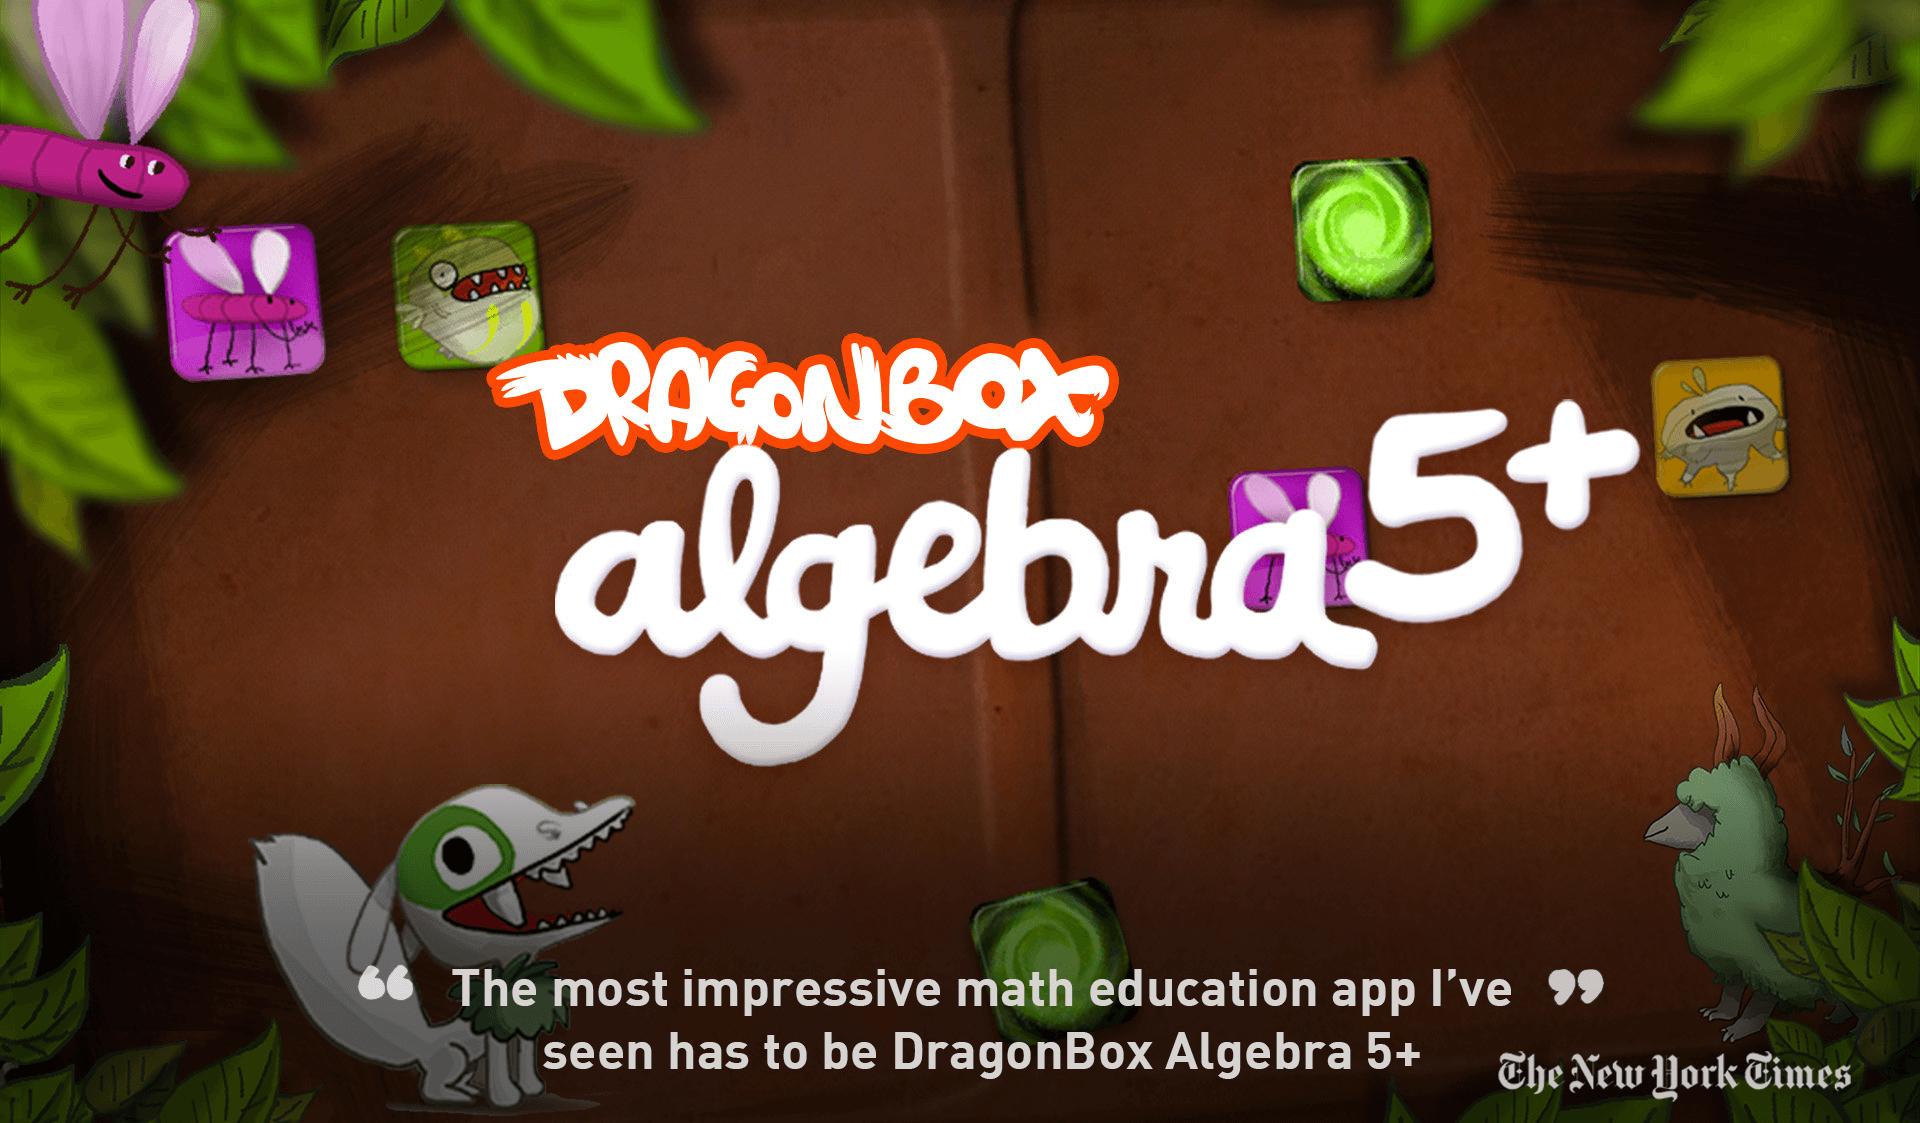 DragonBox Algebra 5+ - so easy a 5 y o  can do it!